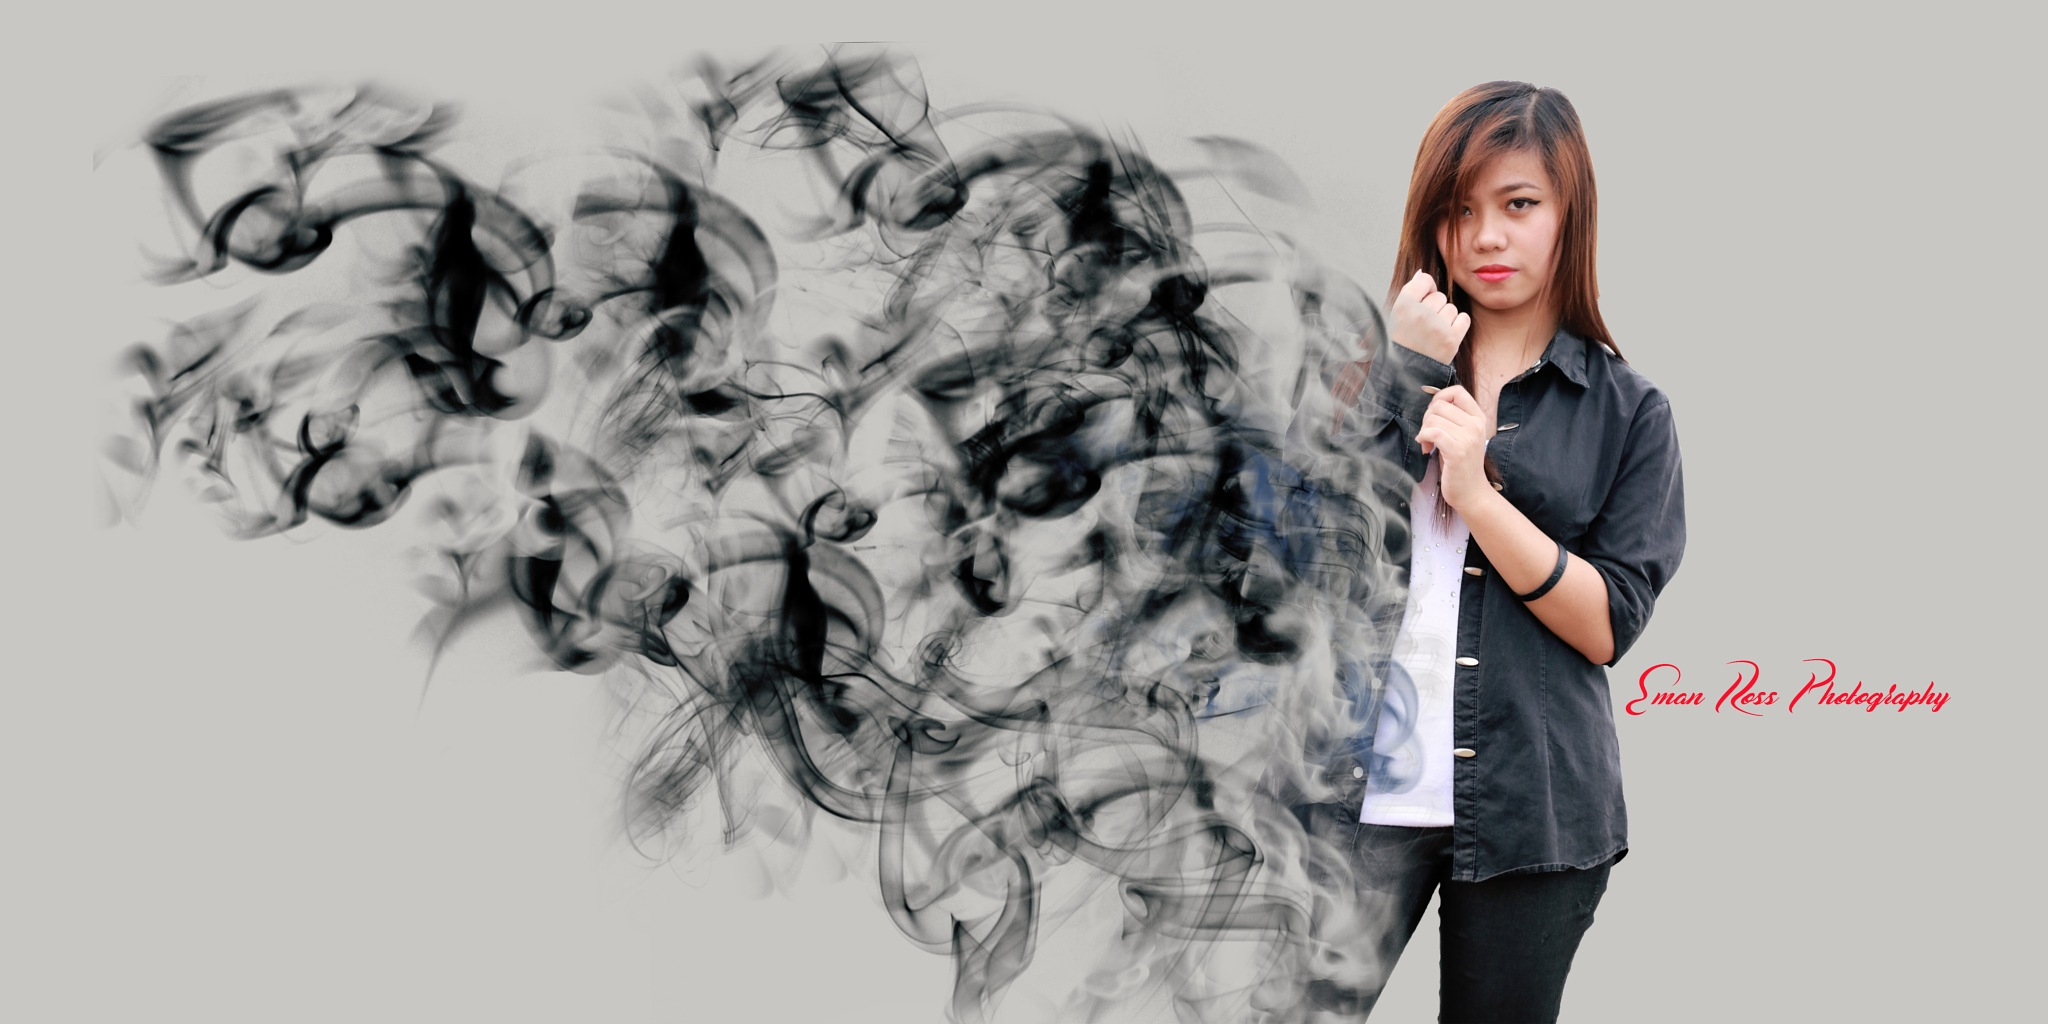 Smoke Effect Manipulation by eross